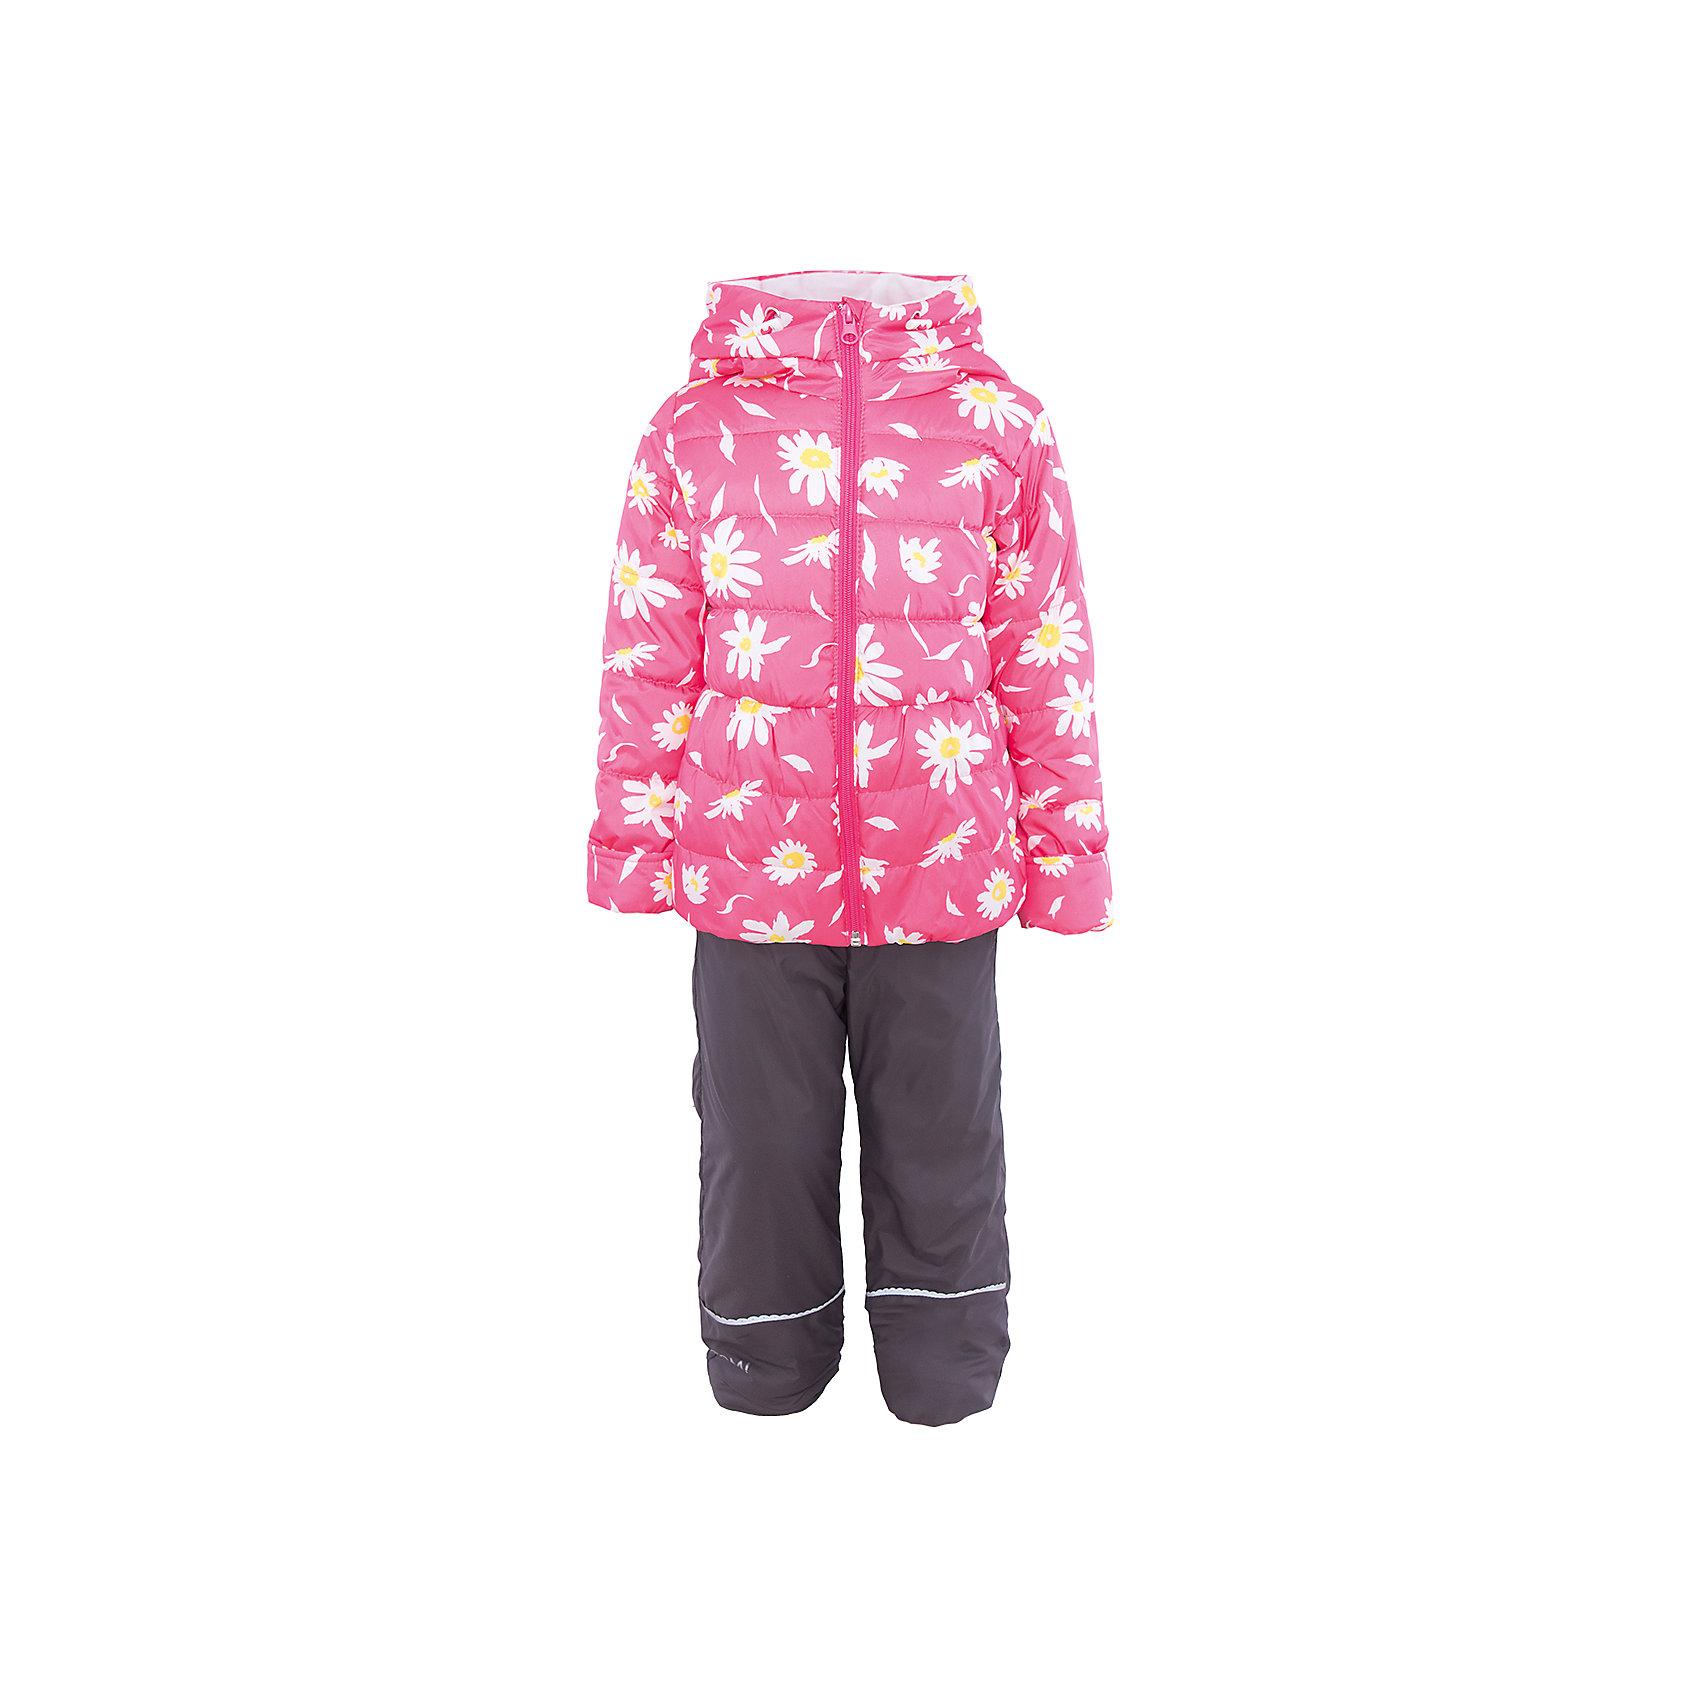 Комплект для девочки BOOM by OrbyВерхняя одежда<br>Характеристики товара:<br><br>• цвет: розовый/серый<br>• состав: <br>курточка: верх - таффета, подкладка - поликоттон, полиэстер, утеплитель: эко-синтепон 150 г/м2<br>брюки: верх - таффета, подкладка - флис<br>• комплектация: куртка, брюки<br>• температурный режим: от -5 С° до +10 С° <br>• из непромокаемой ткани, с водо и грязеотталкивающими пропитками<br>• застежка - молния<br>• благодаря манжетам-отворотам значительно регулируется размер<br>• куртка декорирована принтом<br>• комфортная посадка<br>• страна производства: Российская Федерация<br>• страна бренда: Российская Федерация<br>• коллекция: весна-лето 2017<br><br>Такой комплект - универсальный вариант для межсезонья с постоянно меняющейся погодой. Эта модель - модная и удобная одновременно! Изделие отличается стильным ярким дизайном. Куртка и брюки хорошо сидят по фигуре, отлично сочетается с различной обувью. Модель была разработана специально для детей.<br><br>Одежда от российского бренда BOOM by Orby уже завоевала популярностью у многих детей и их родителей. Вещи, выпускаемые компанией, качественные, продуманные и очень удобные. Для производства коллекций используются только безопасные для детей материалы. Спешите приобрести модели из новой коллекции Весна-лето 2017! <br><br>Комплект для девочки от бренда BOOM by Orby можно купить в нашем интернет-магазине.<br><br>Ширина мм: 356<br>Глубина мм: 10<br>Высота мм: 245<br>Вес г: 519<br>Цвет: розовый<br>Возраст от месяцев: 12<br>Возраст до месяцев: 18<br>Пол: Женский<br>Возраст: Детский<br>Размер: 86,122,104,92,98,110,116<br>SKU: 5343646